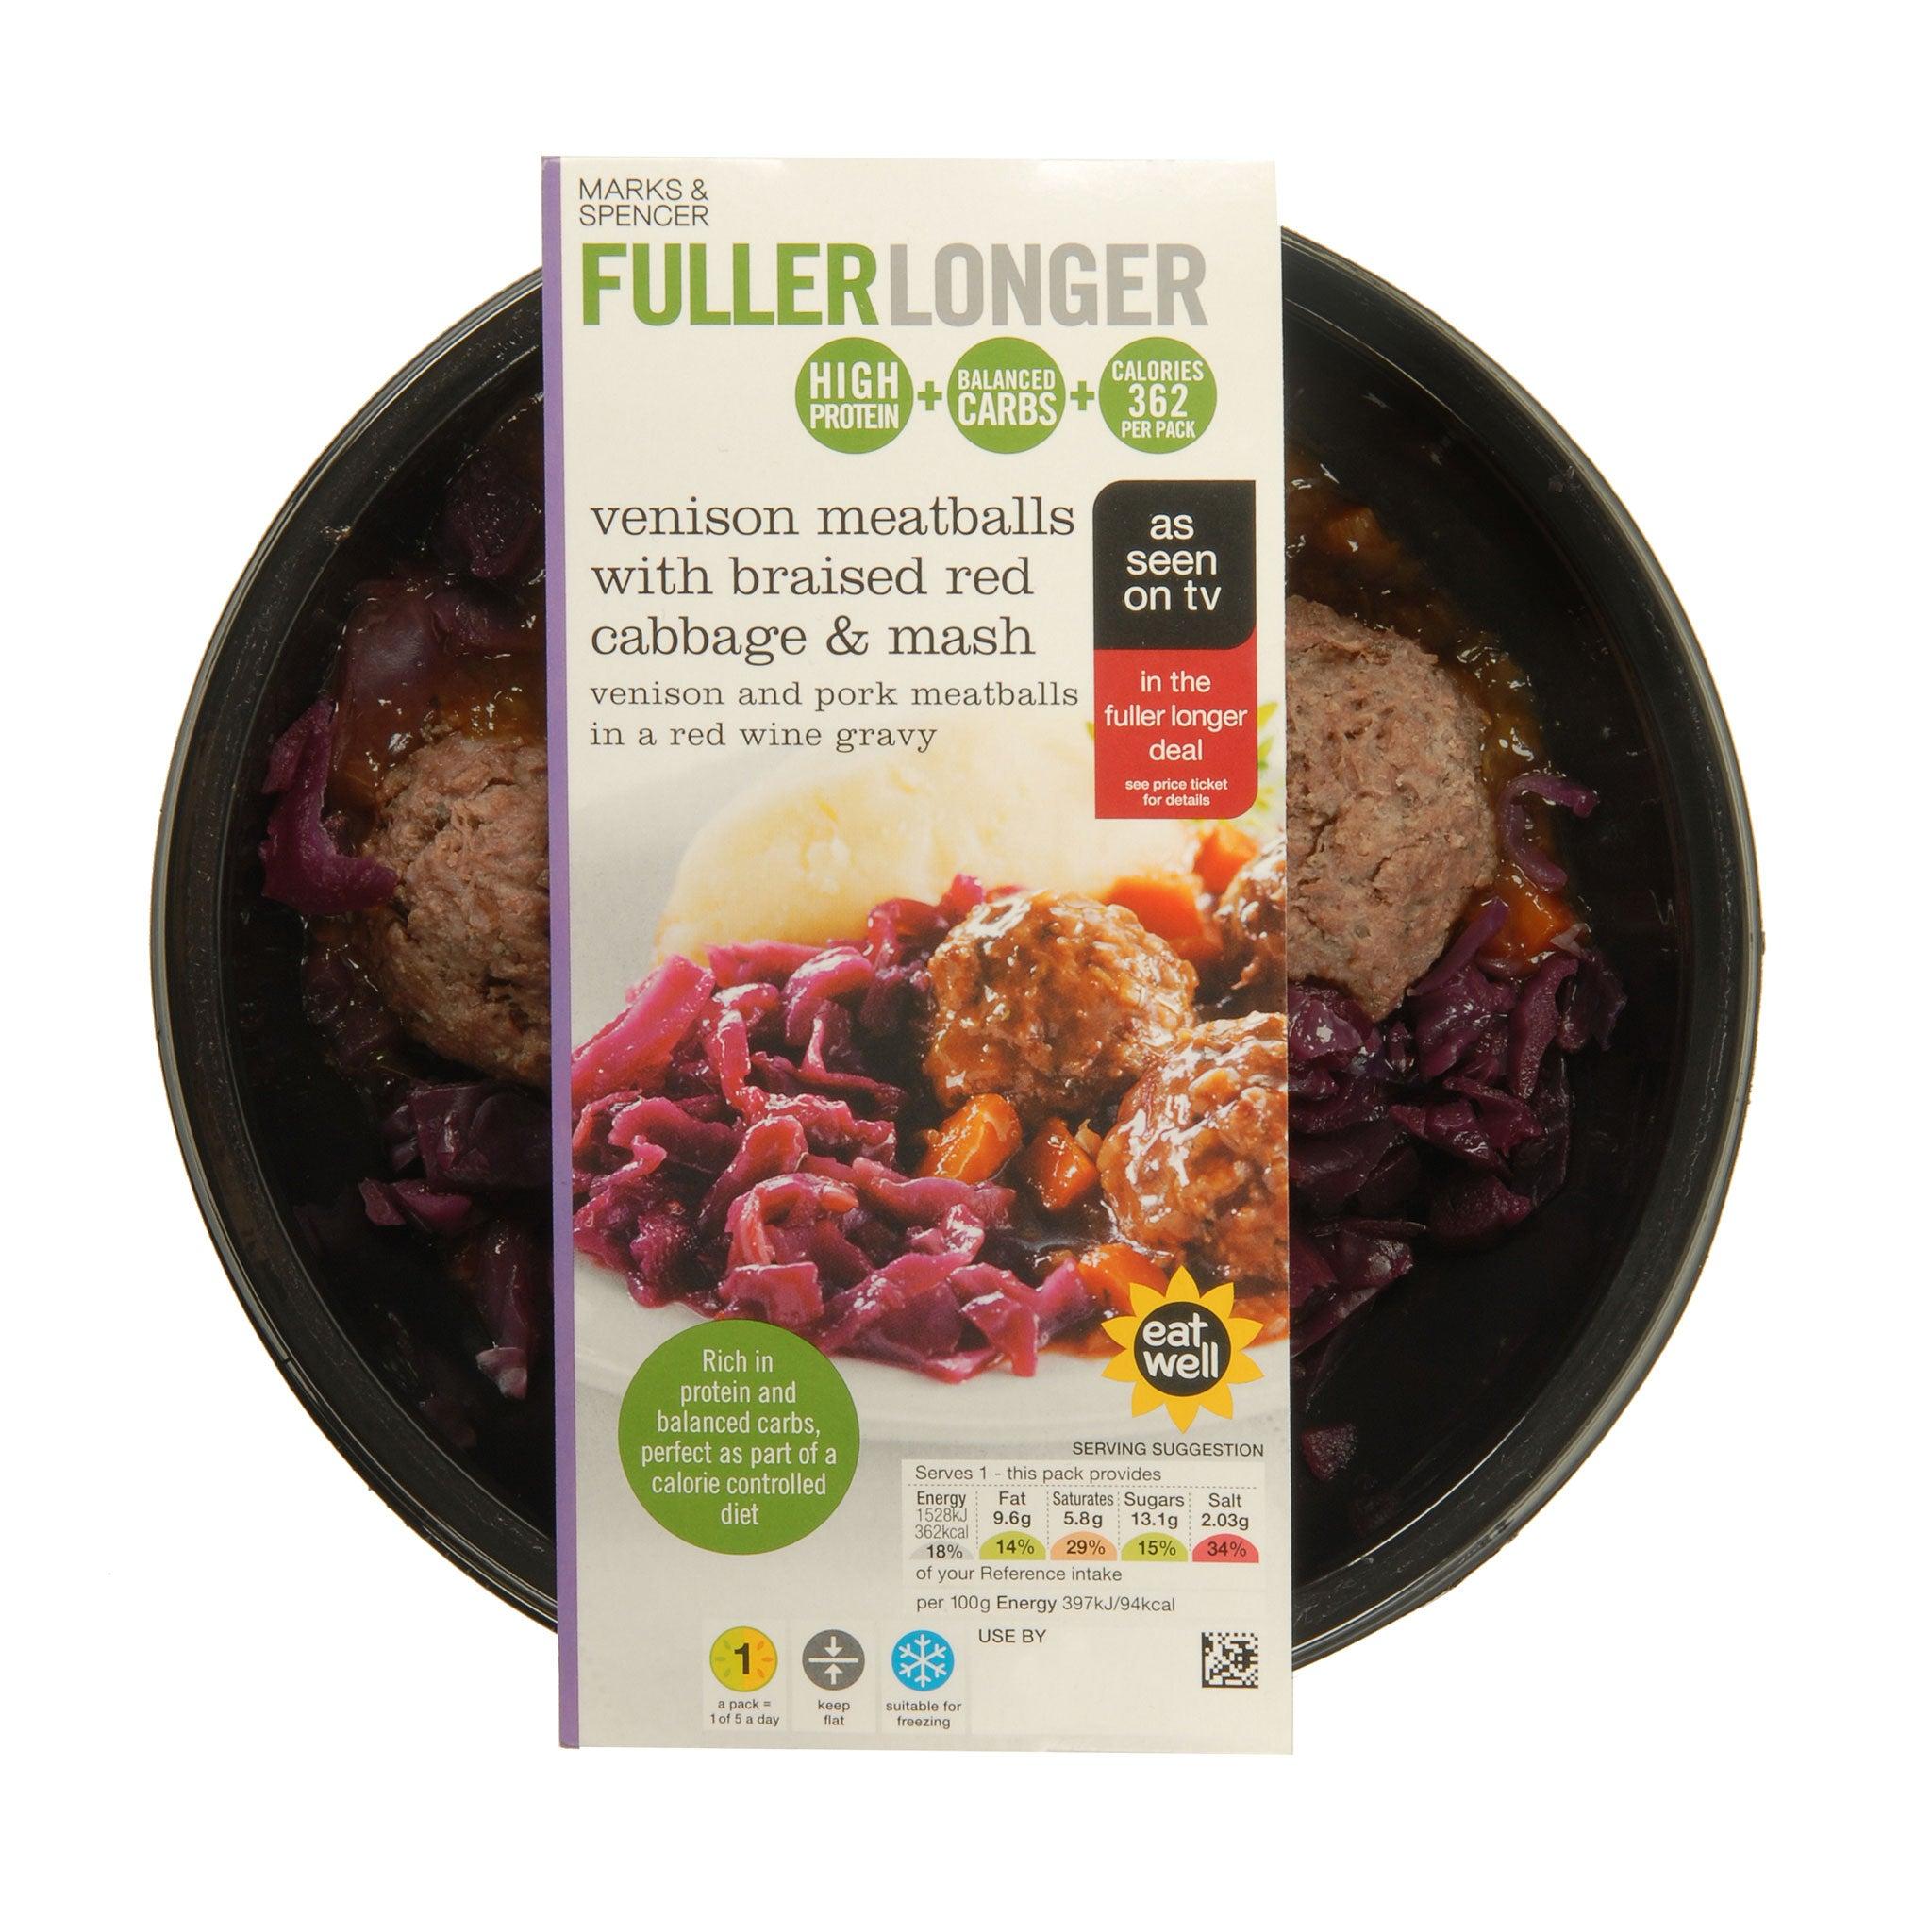 Marks and Spencer Fuller Longer Fleischbällchen mit geschmortem Rotkohl & Brei